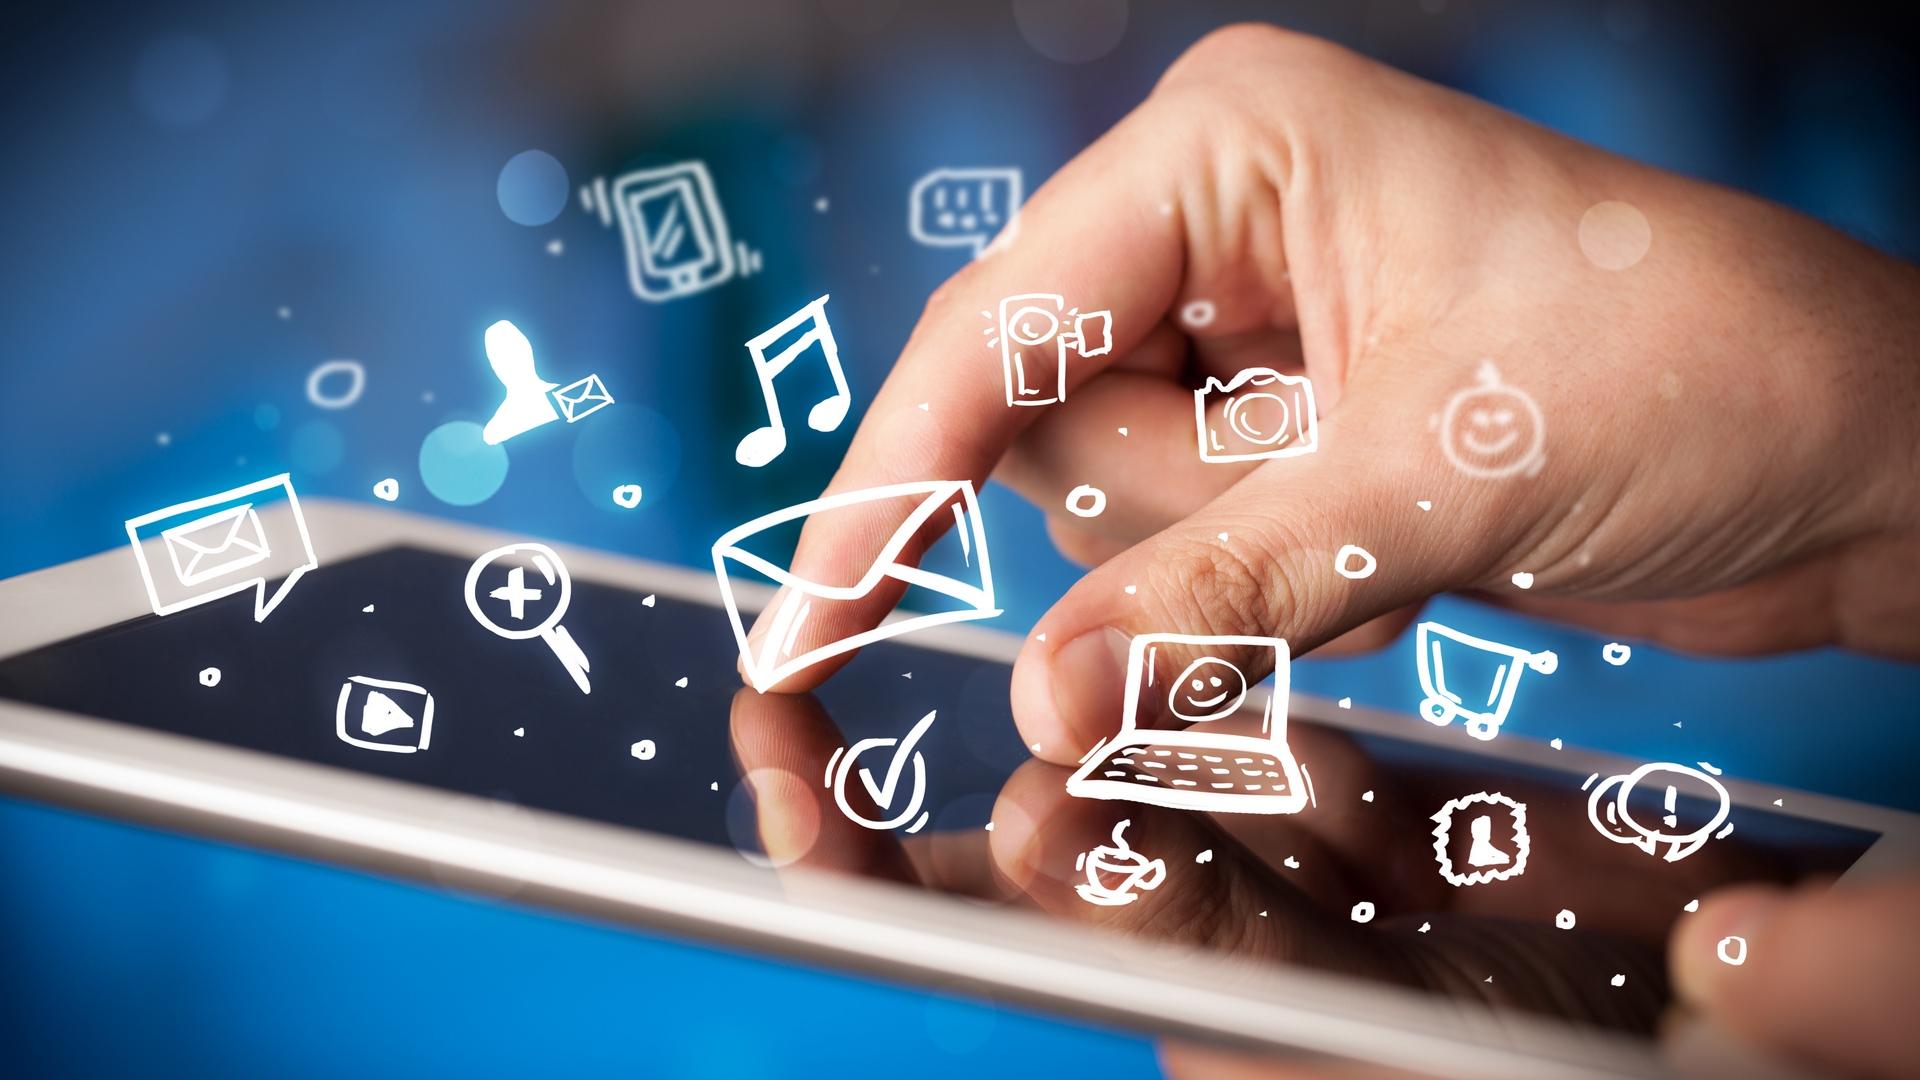 Отличные обои на тему Технологии для рабочего стола - сборка №3 4